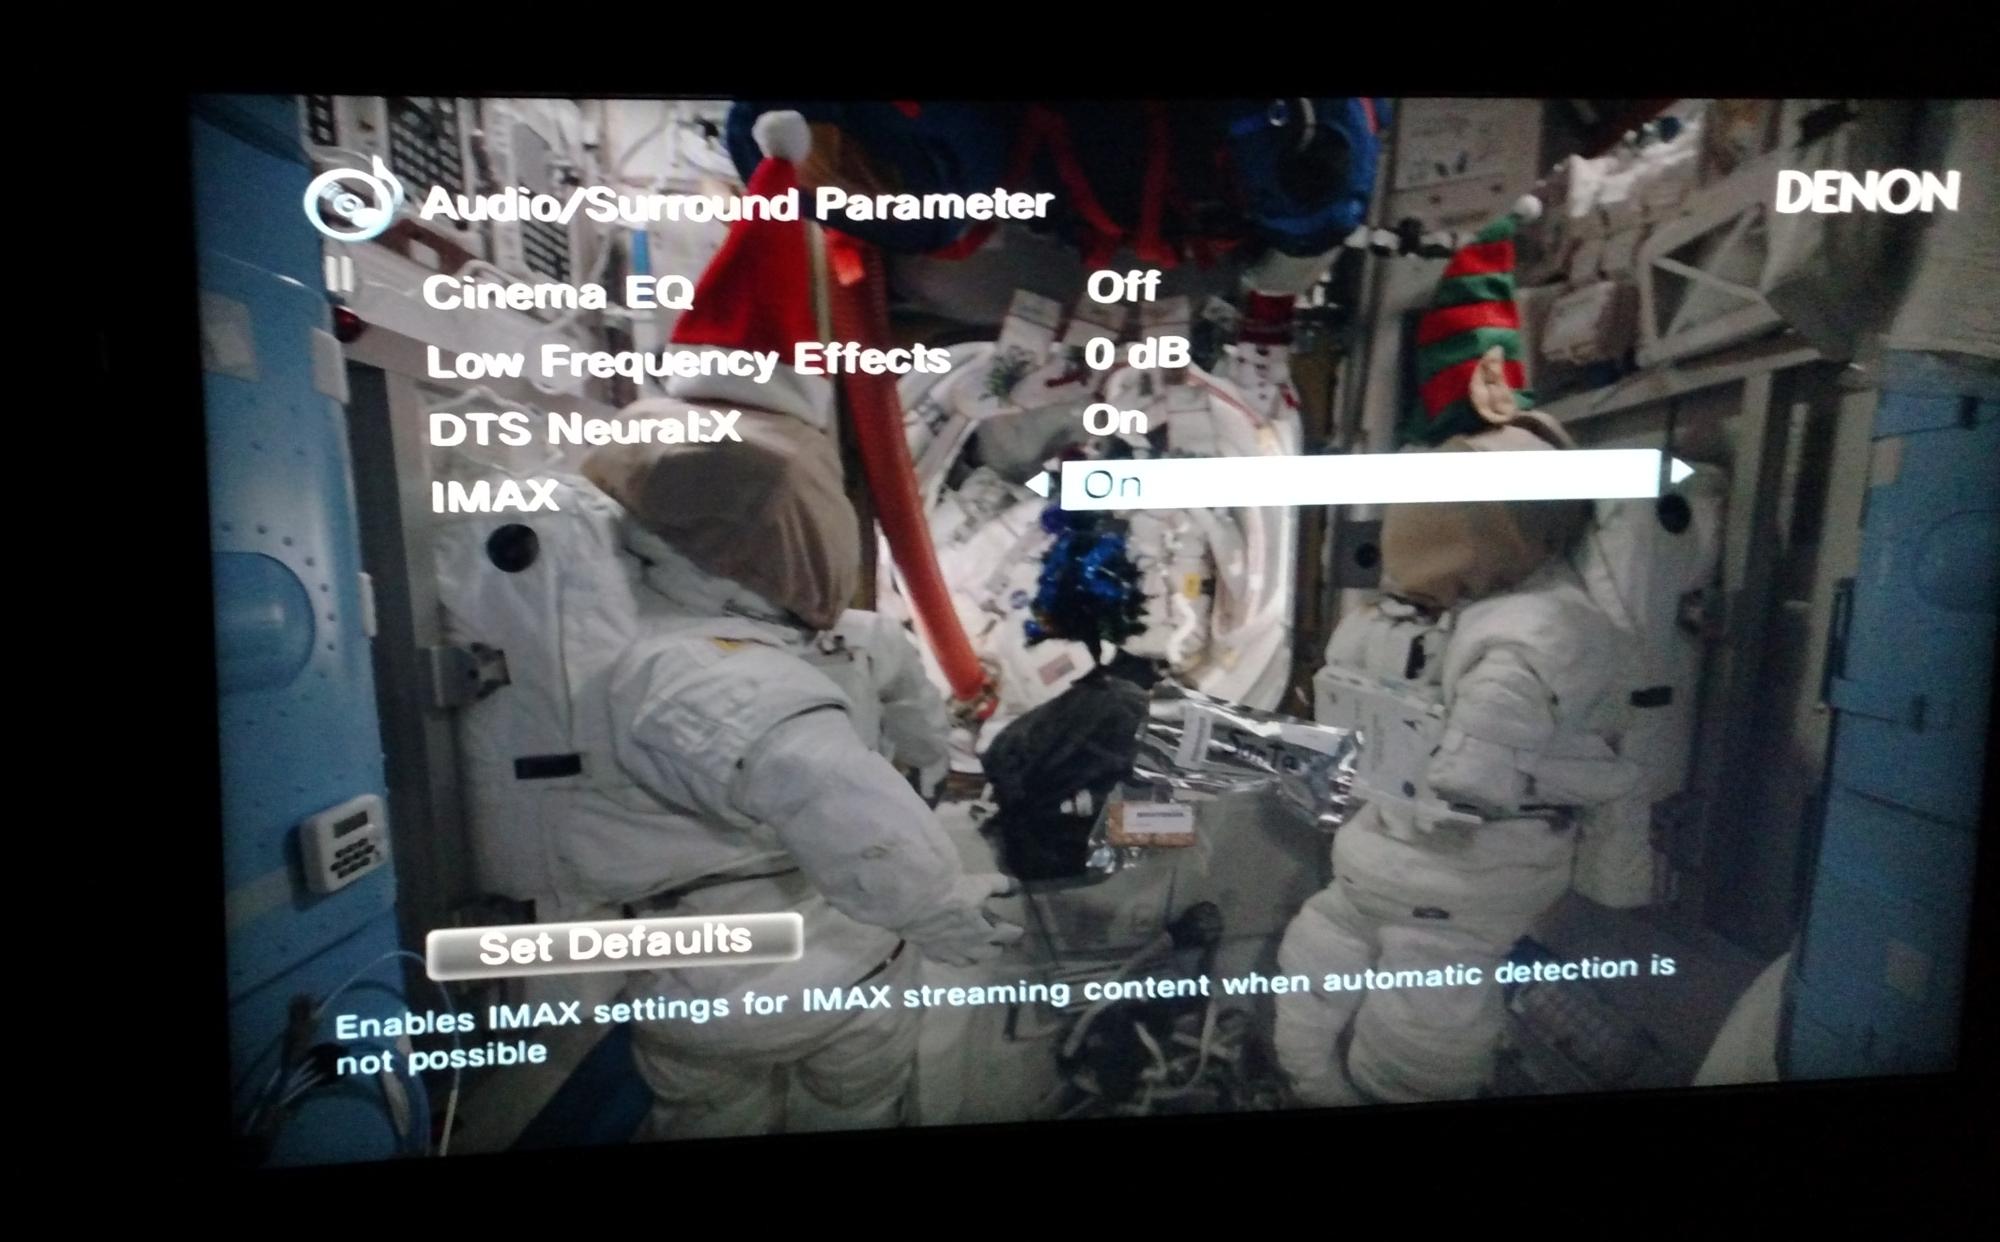 IMAX On